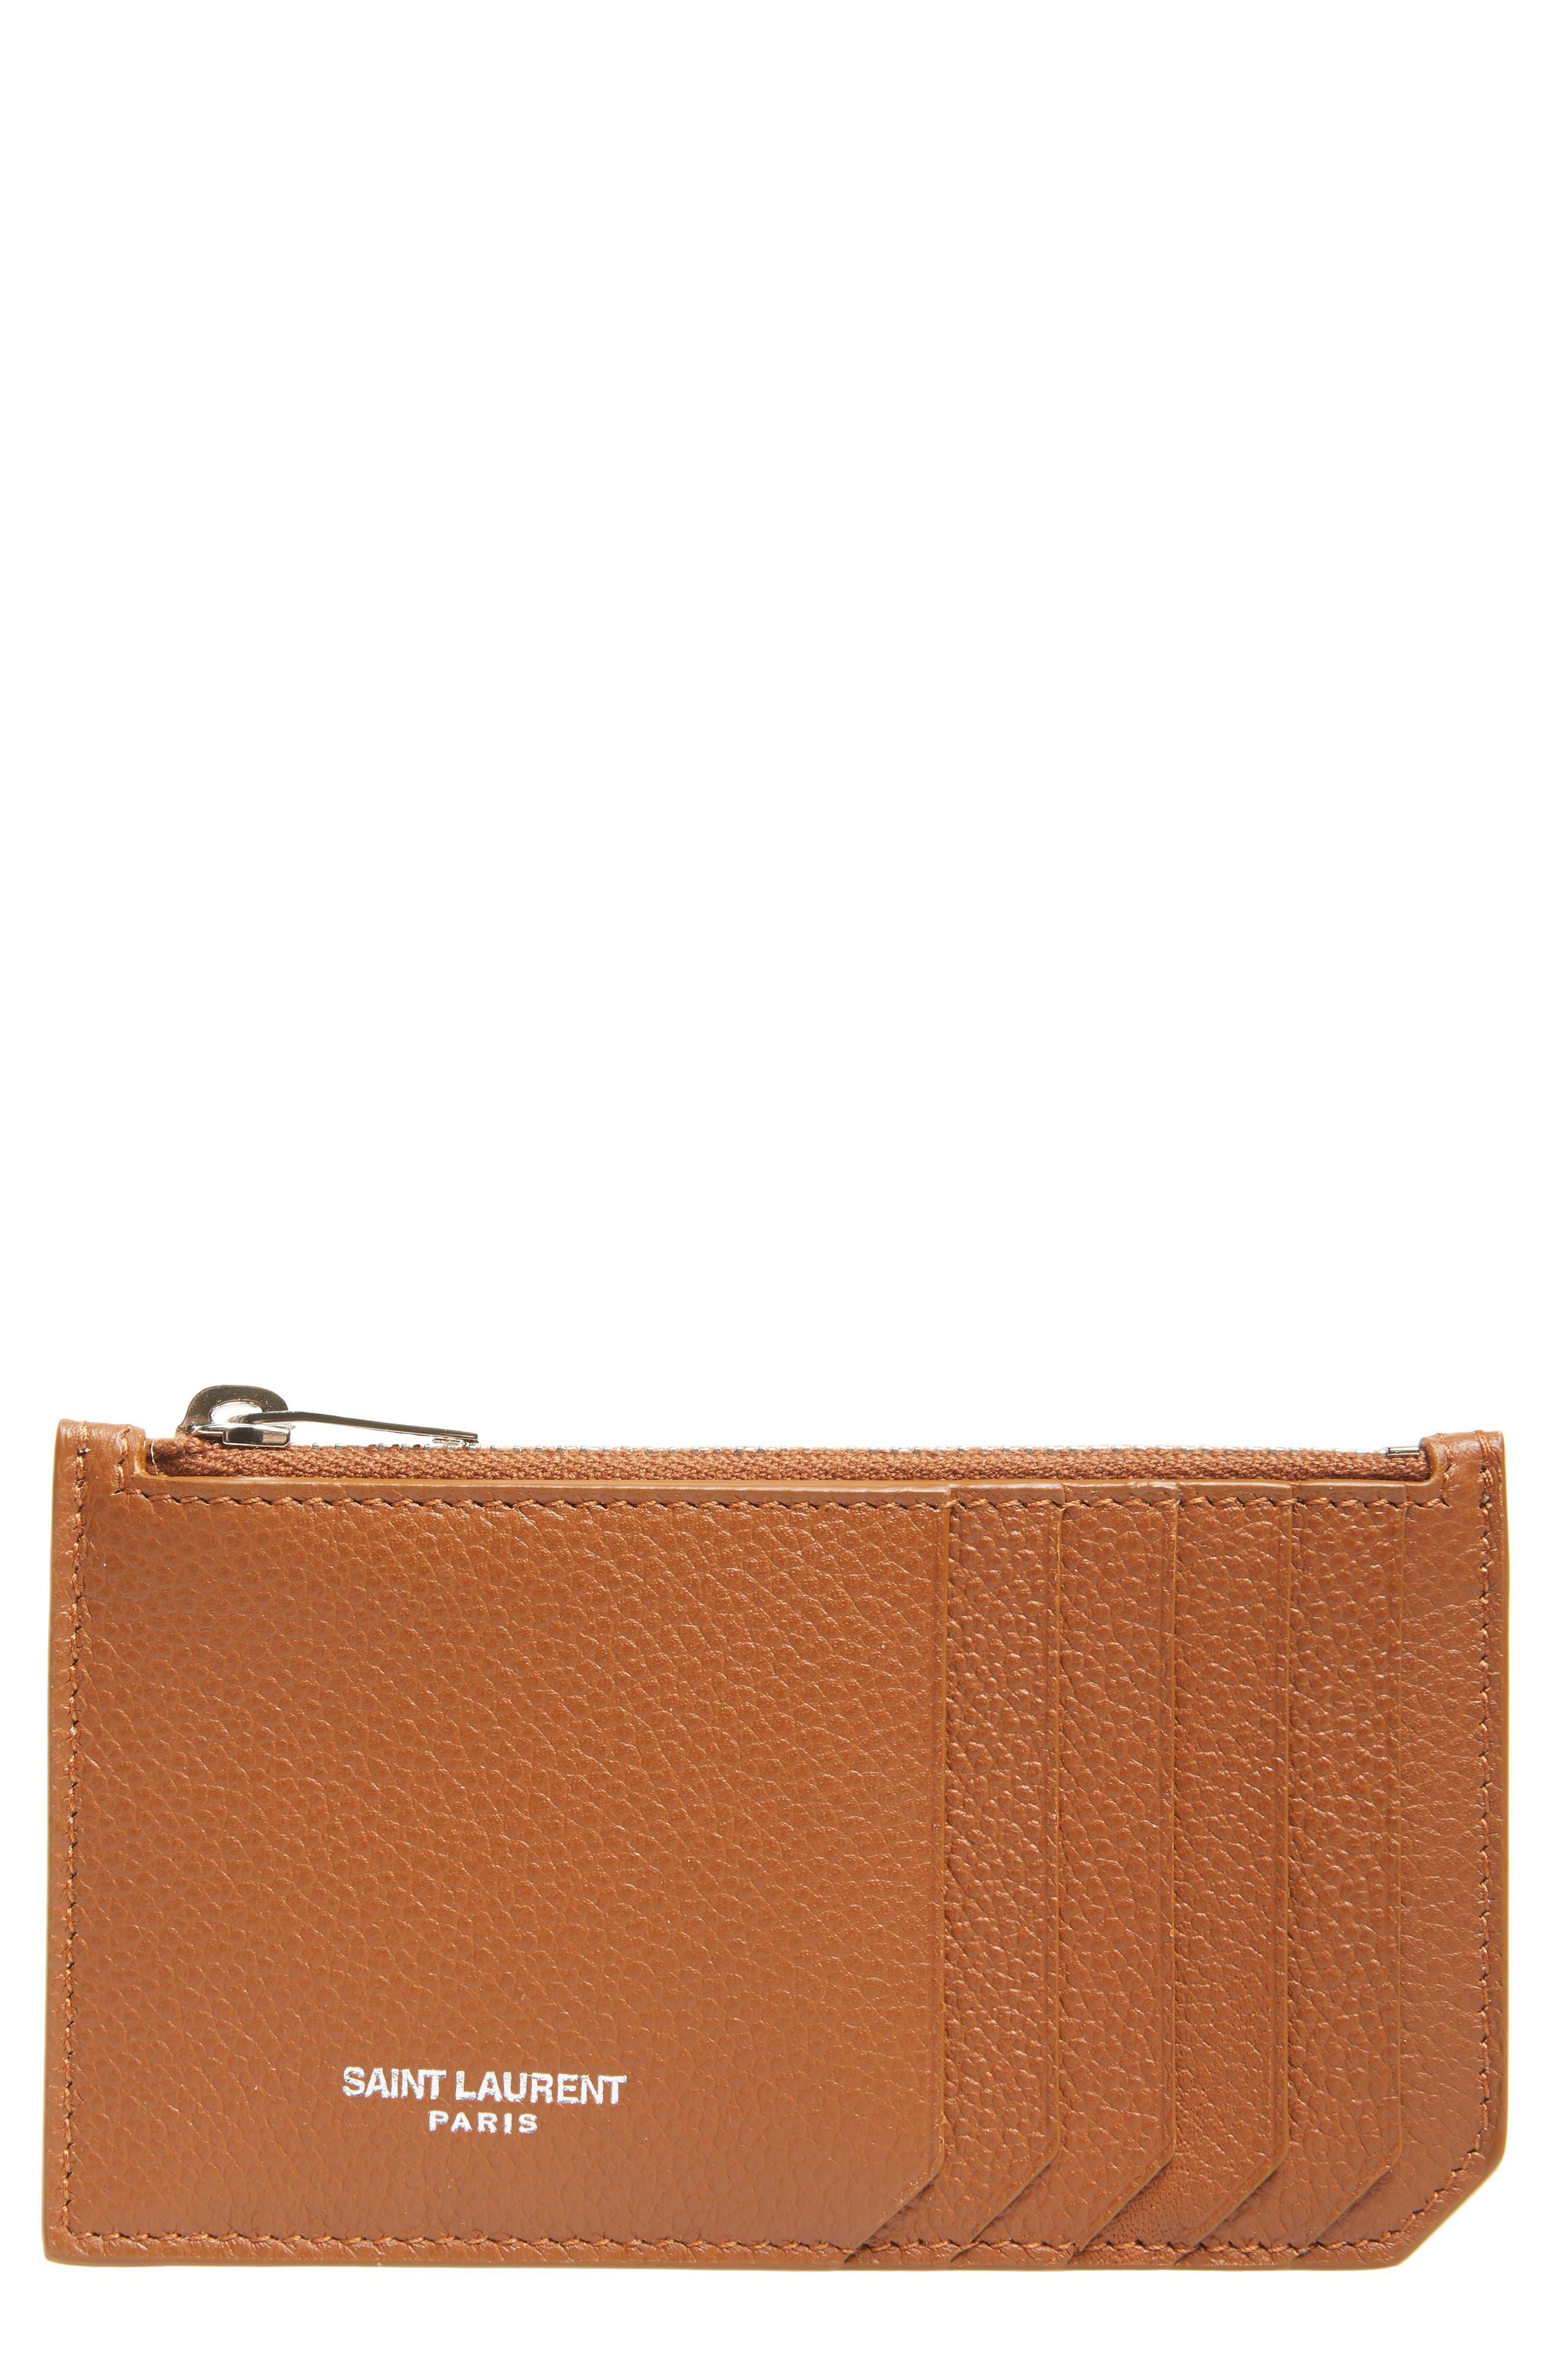 Leather Zip Wallet,                             Main thumbnail 1, color,                             FAUVE